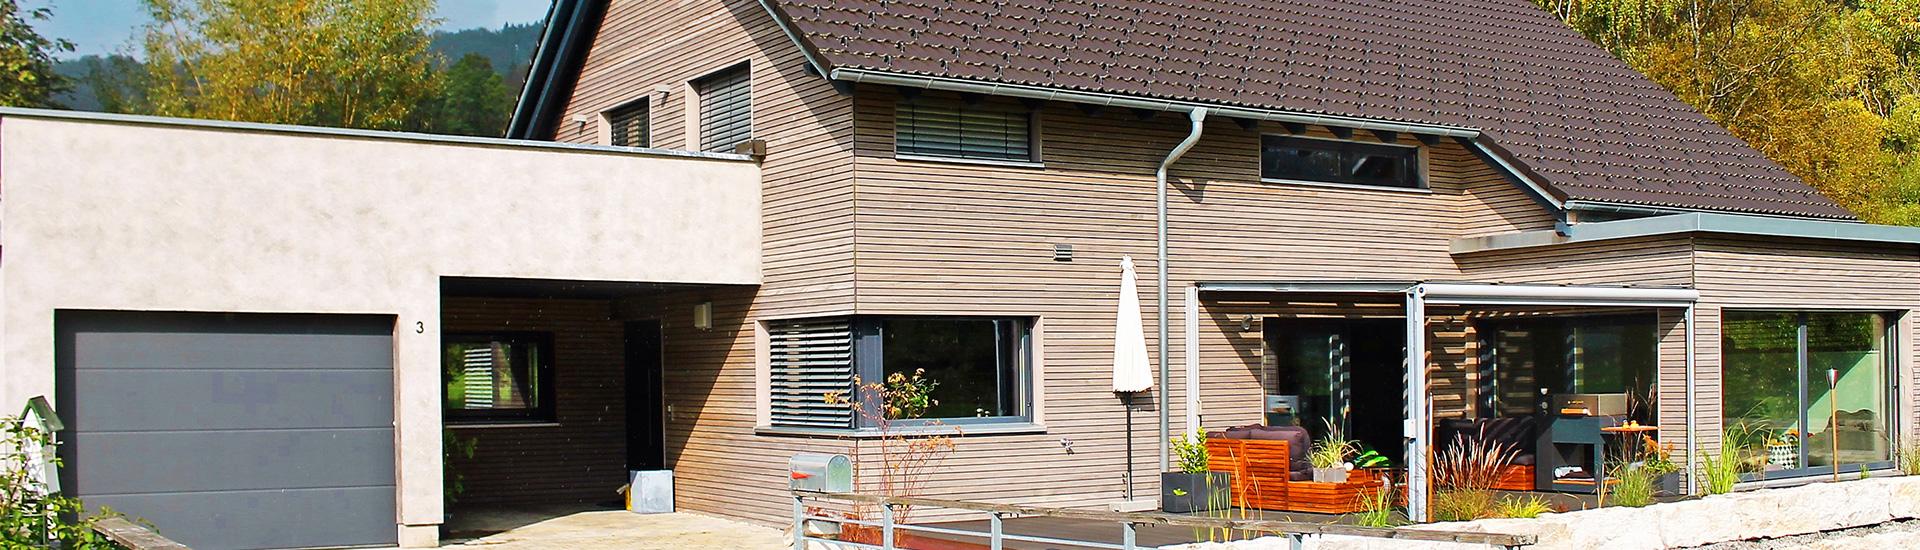 Holzfassade Haus fassaden und holzfassaden milkau